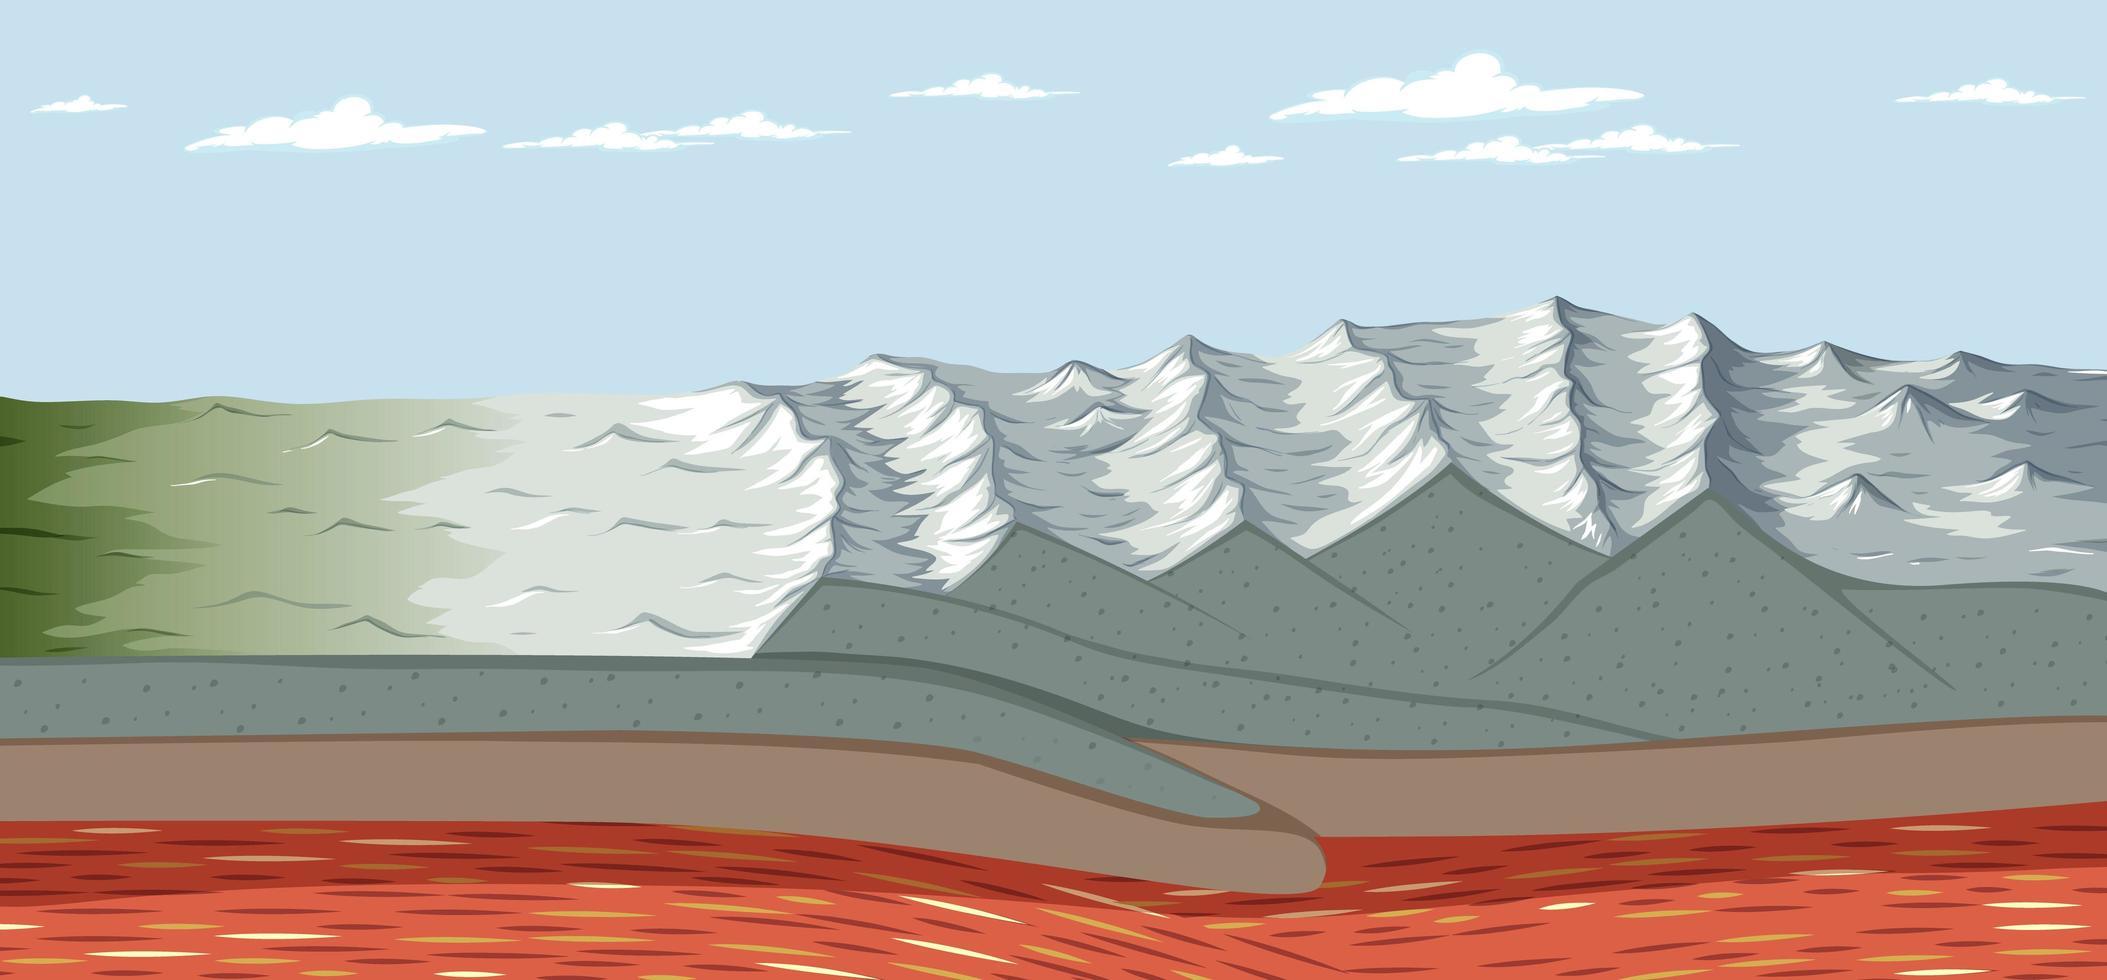 formation du paysage himalayen vecteur